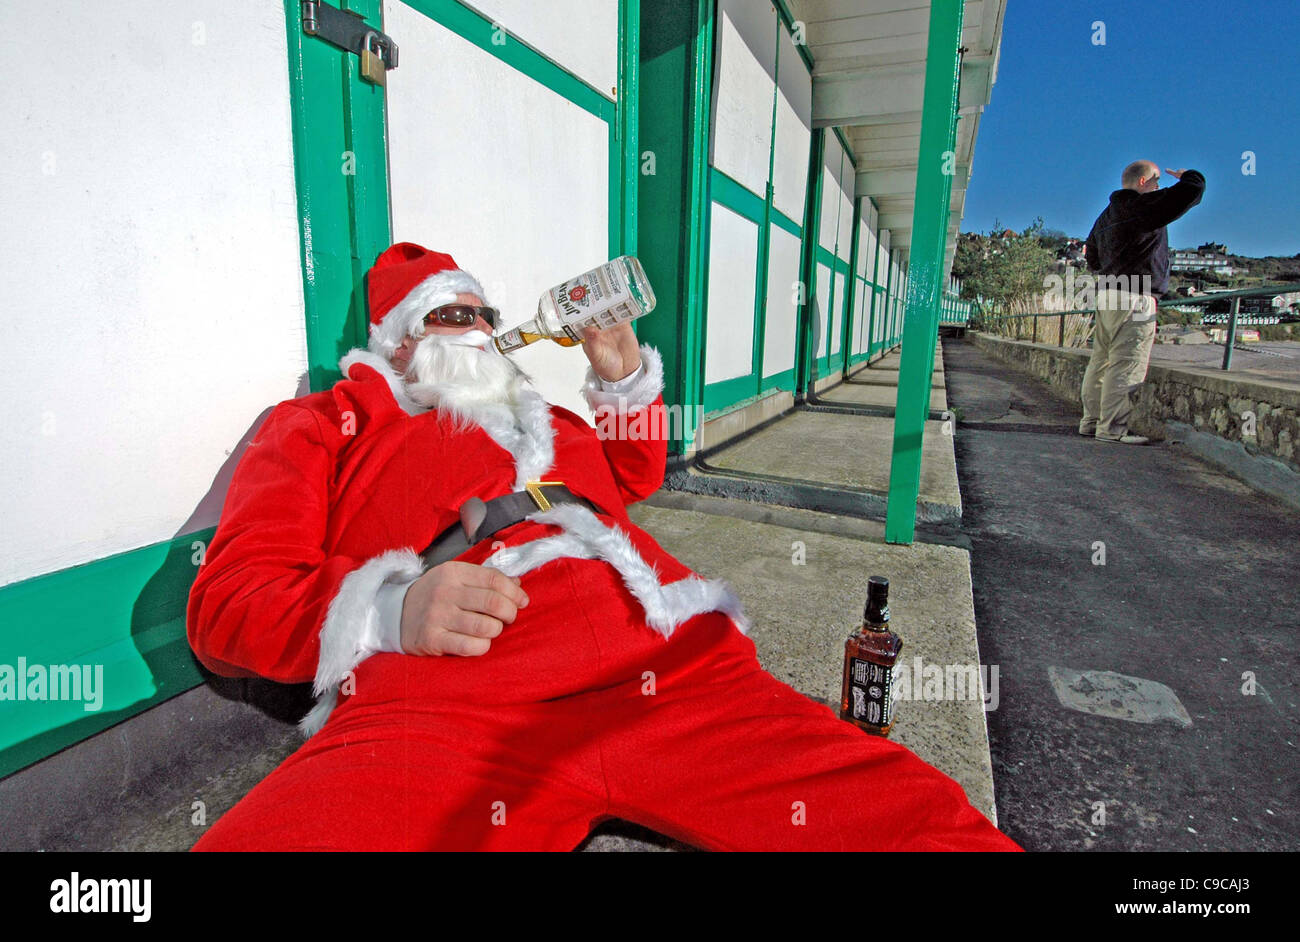 Babbo Natale Ubriaco.Ubriaco Babbo Natale Al Langland Bay Vicino A Swansea Mentre Un